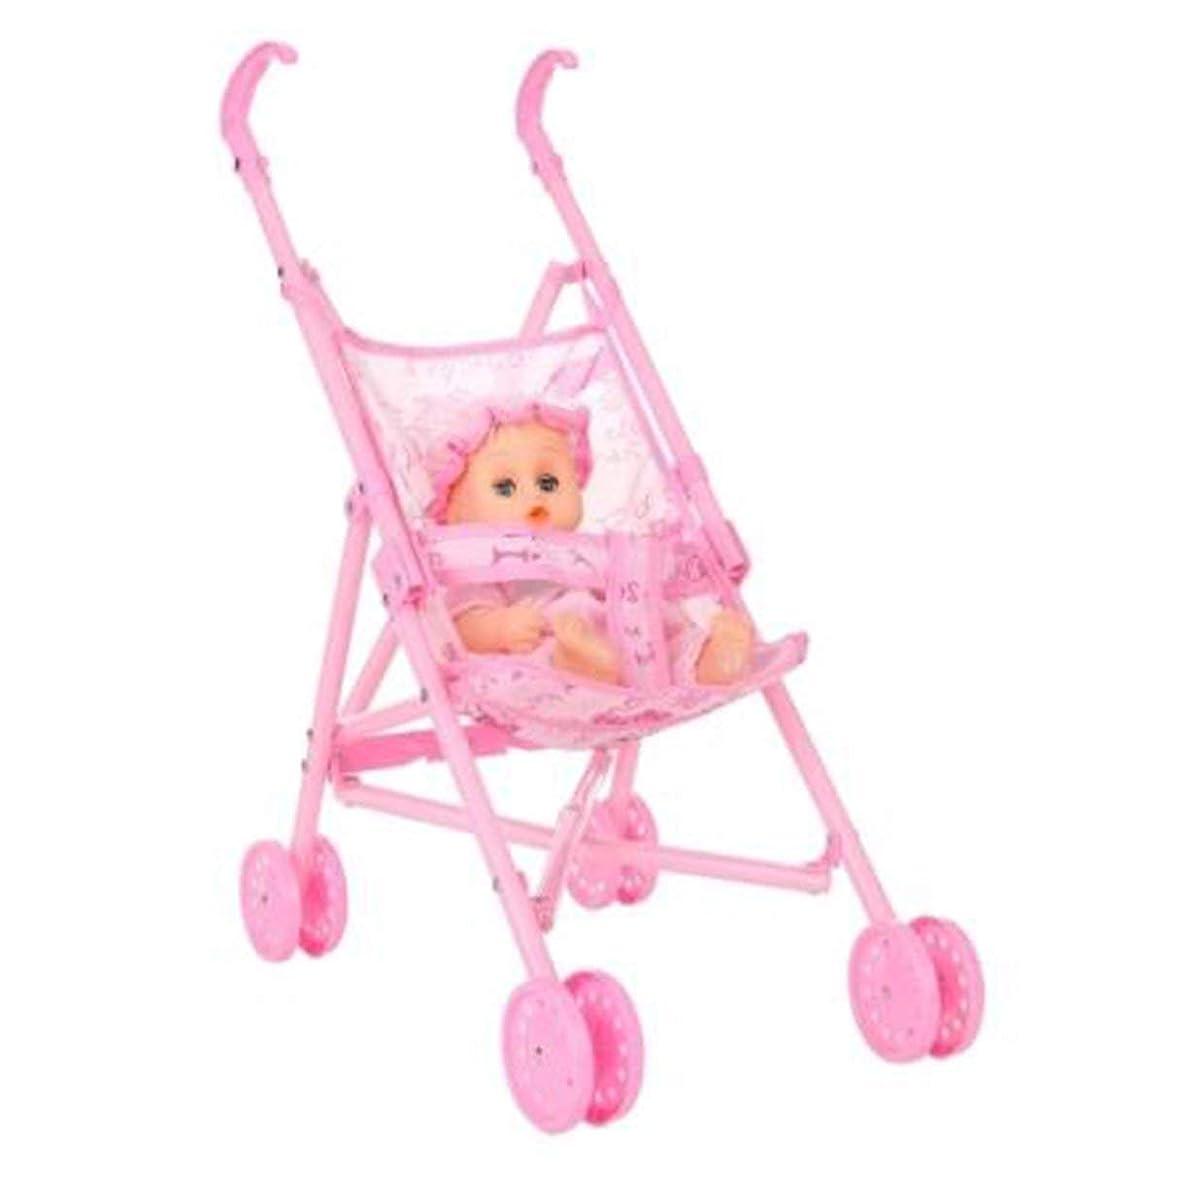 有名ドラッグラッシュTivollyff ベビー幼児の人形ベビーカーキャリッジ折り畳み式で人形12インチ人形バービーミニベビーカーのおもちゃのギフトピンクのために ピンク